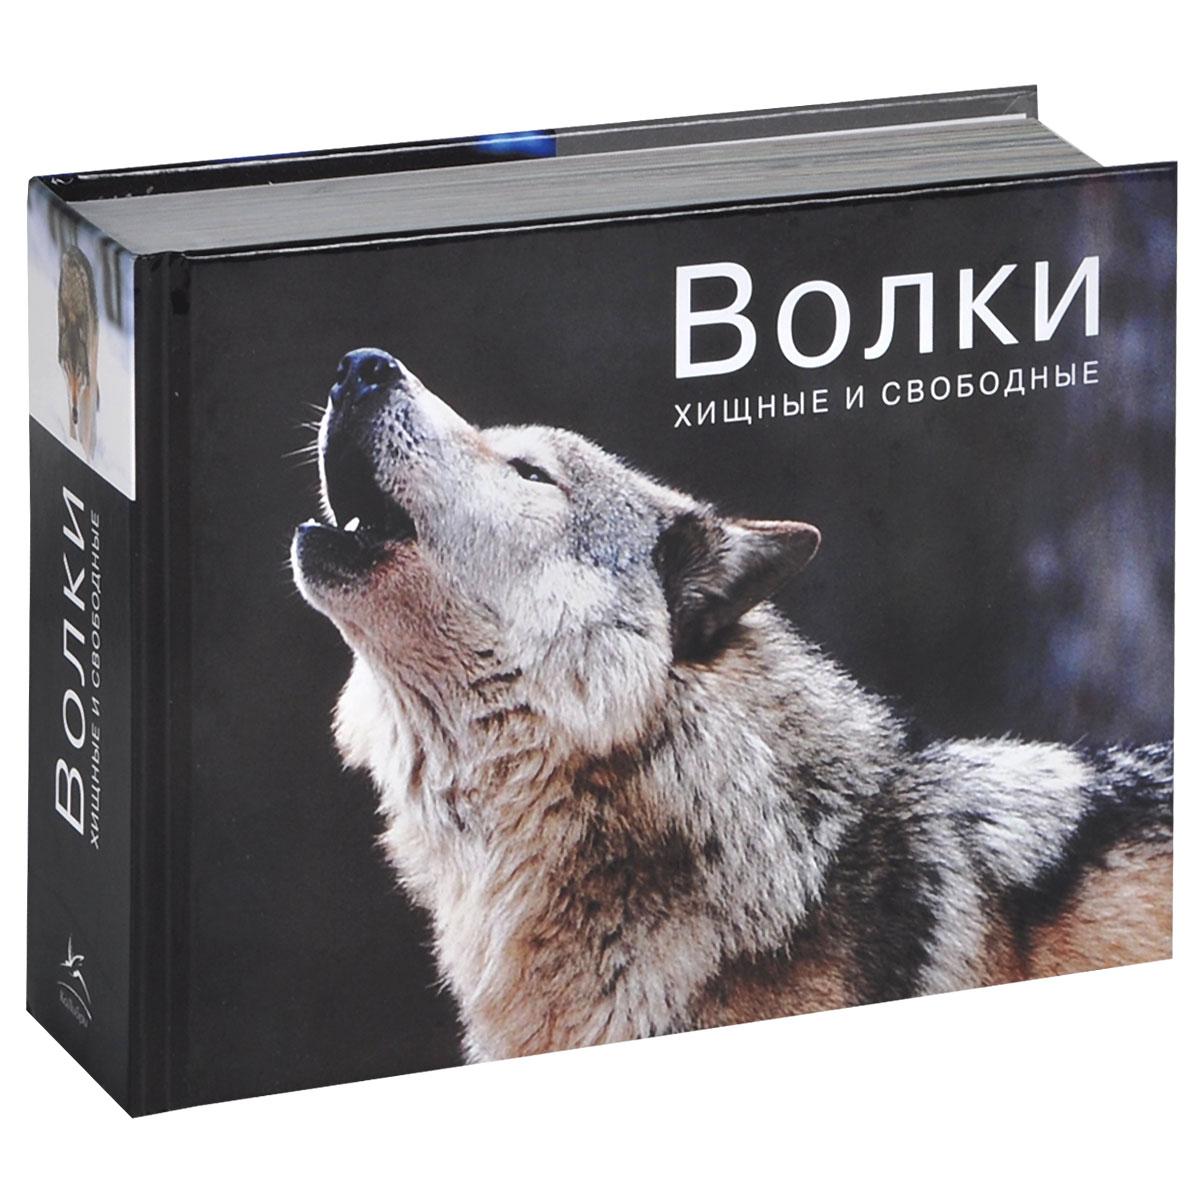 Волки. Хищные и свободные. Фотоальбом